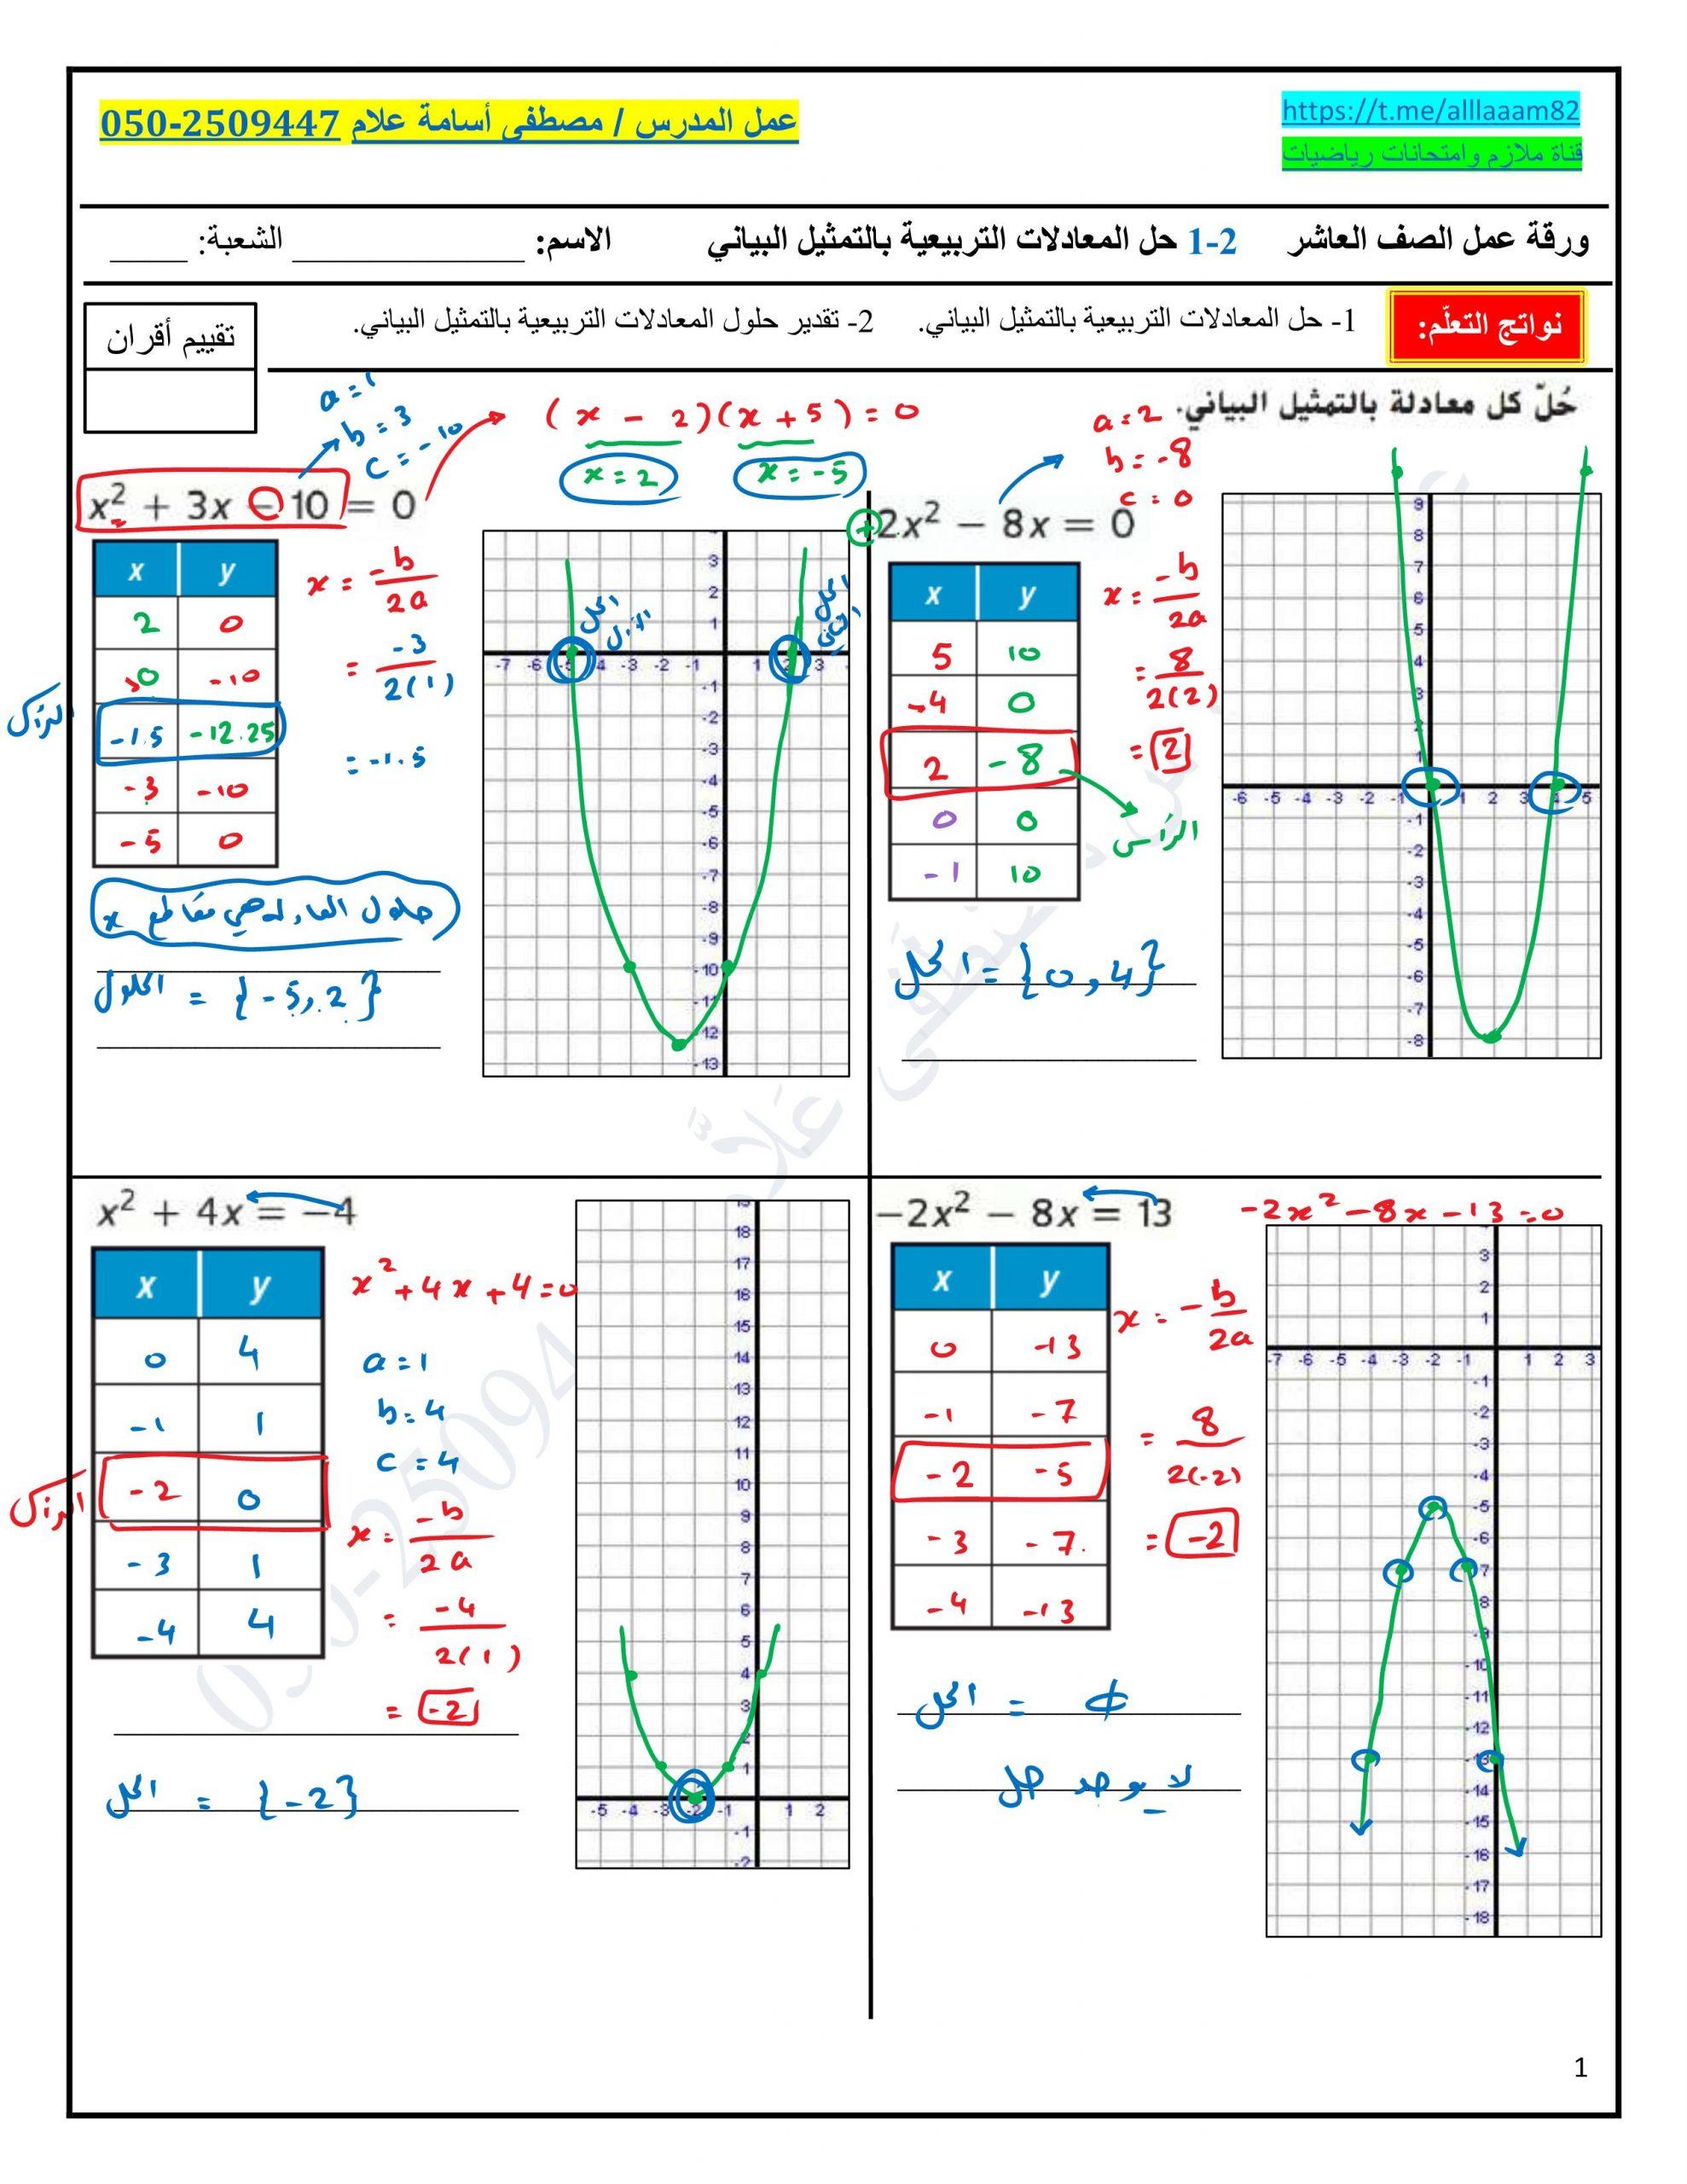 ورقة عمل حل المعادلات التربيعية بالتمثيل البياني مع الاجابات للصف العاشر مادة الرياضيات المتكاملة